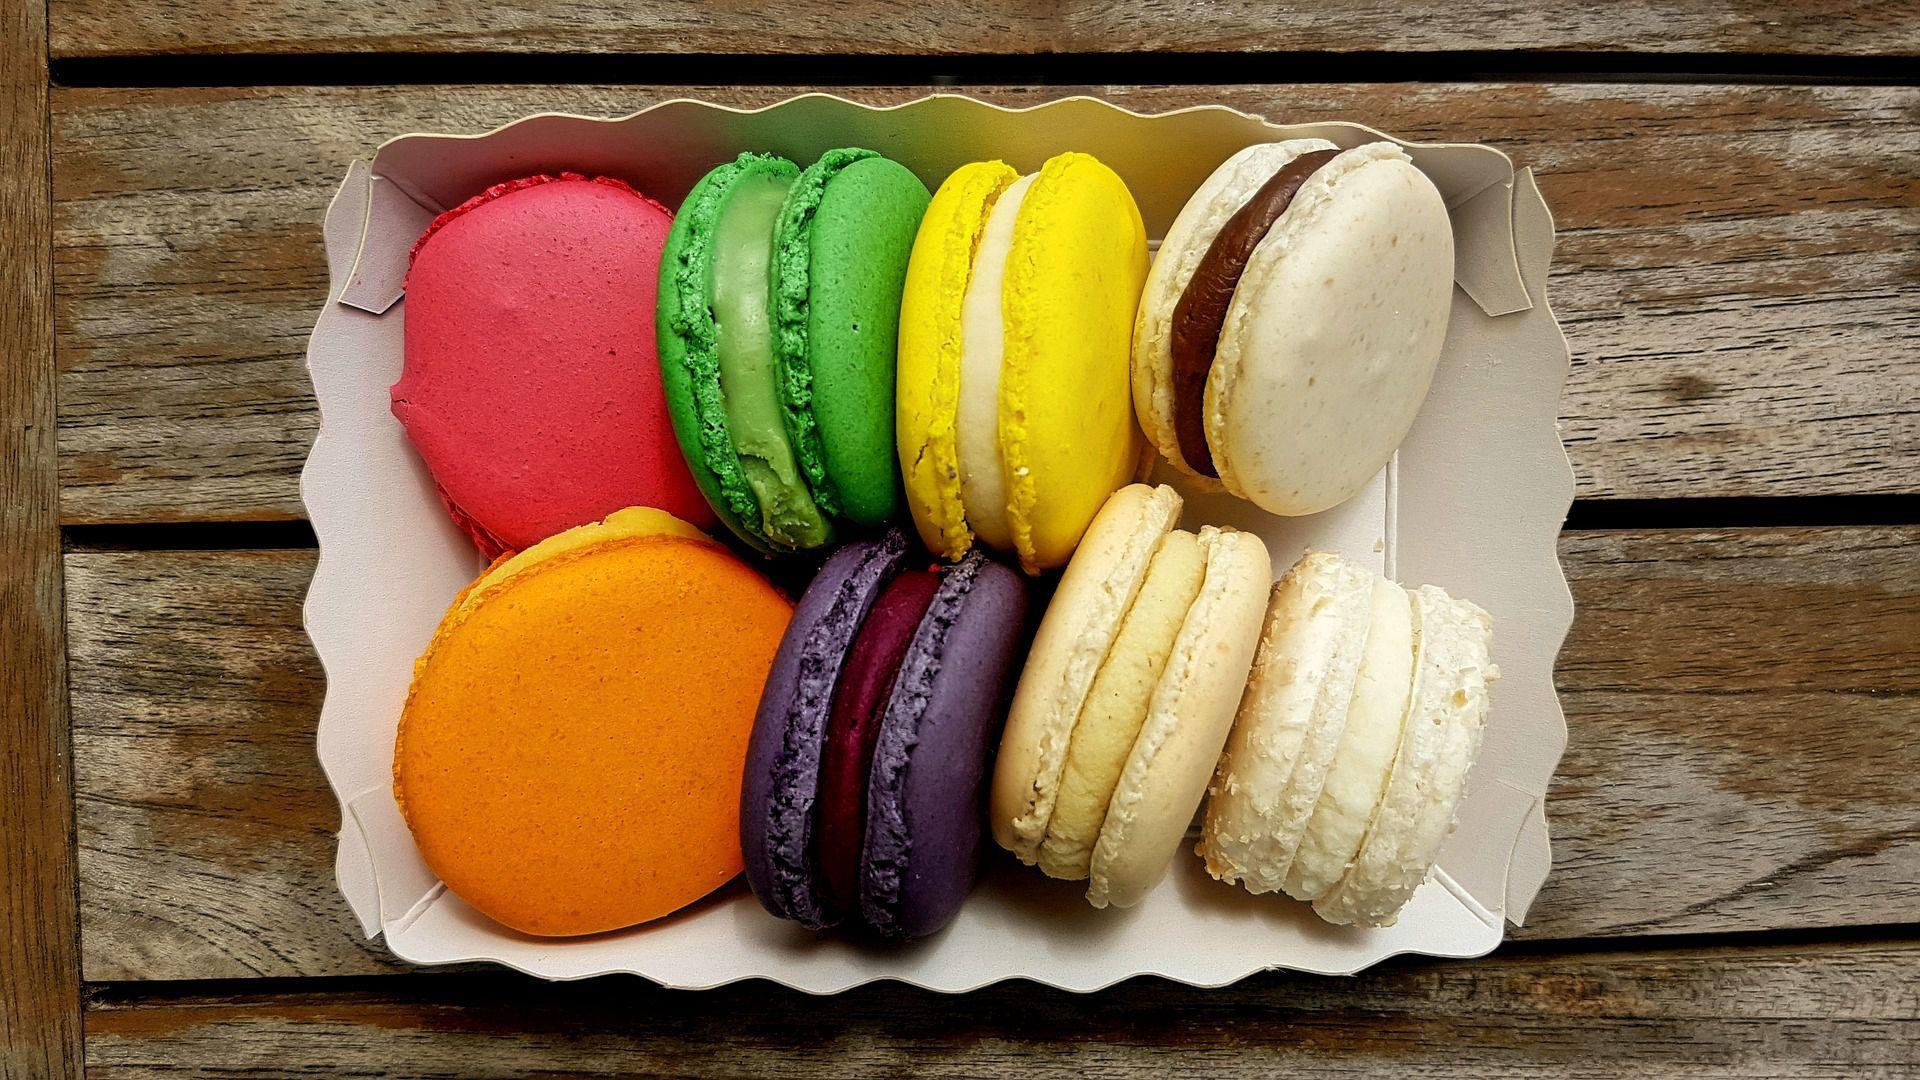 法式小甜点,可爱好看又美味的马卡龙高清图片彩色小圆饼